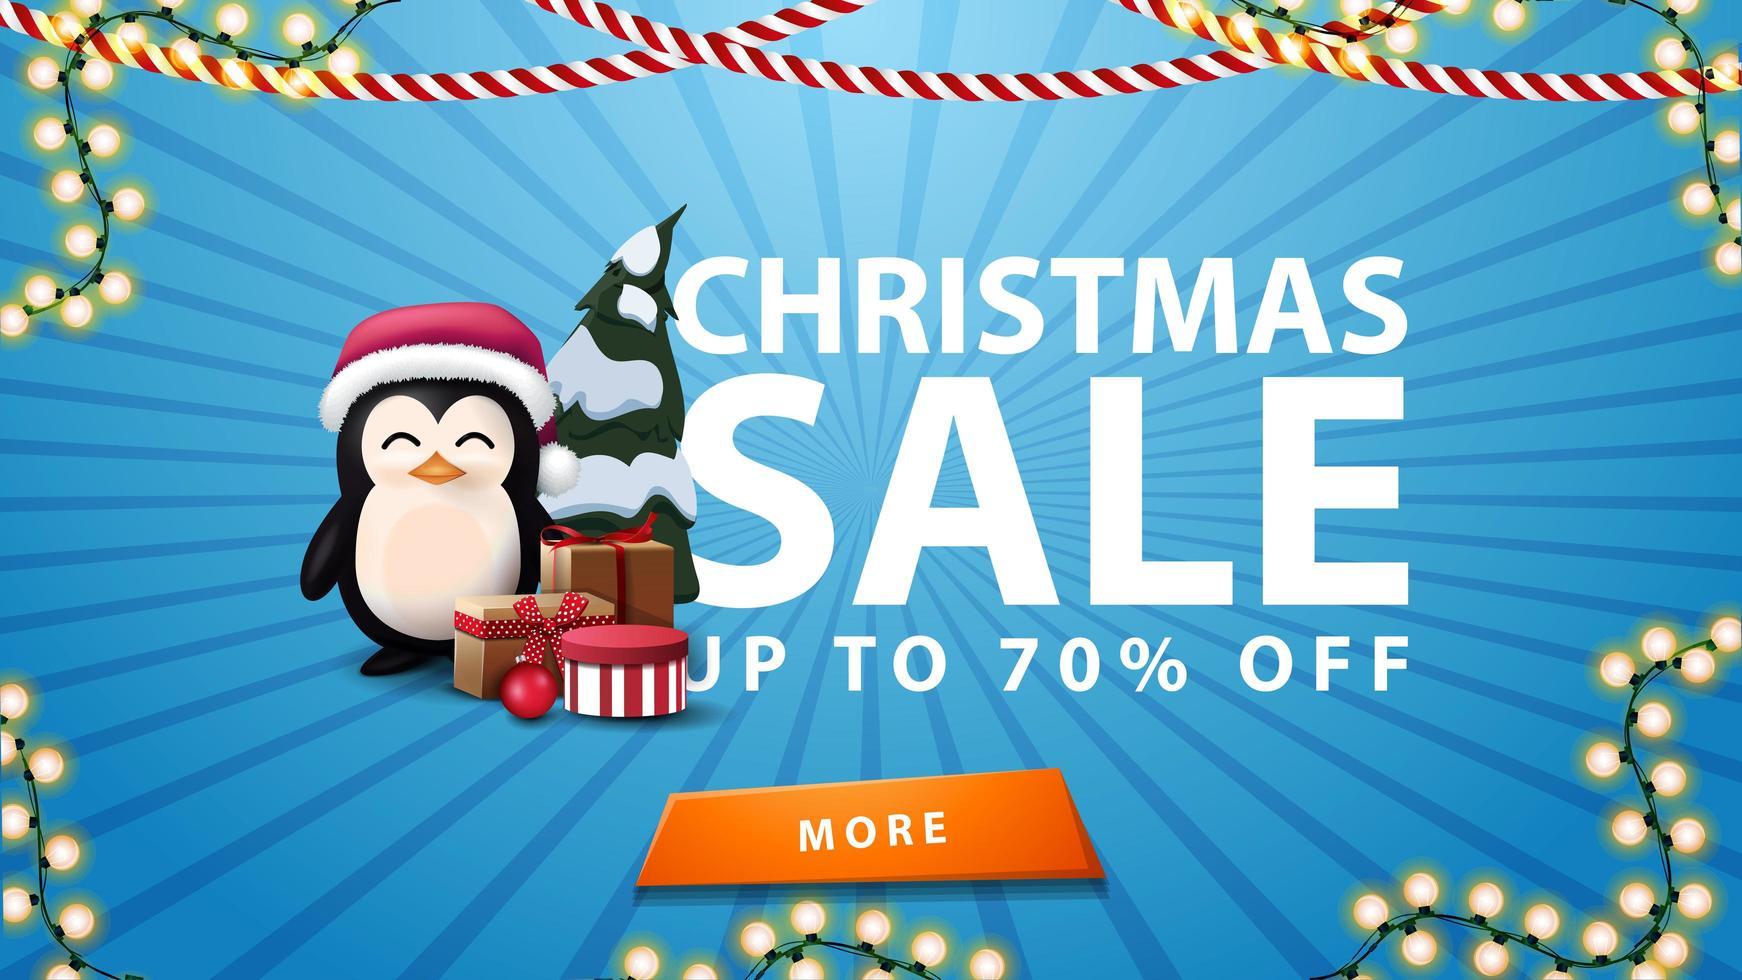 rebajas navideñas, hasta 70 de descuento, estandarte azul con guirnalda, botón naranja y pingüino con gorro de santa claus con regalos vector